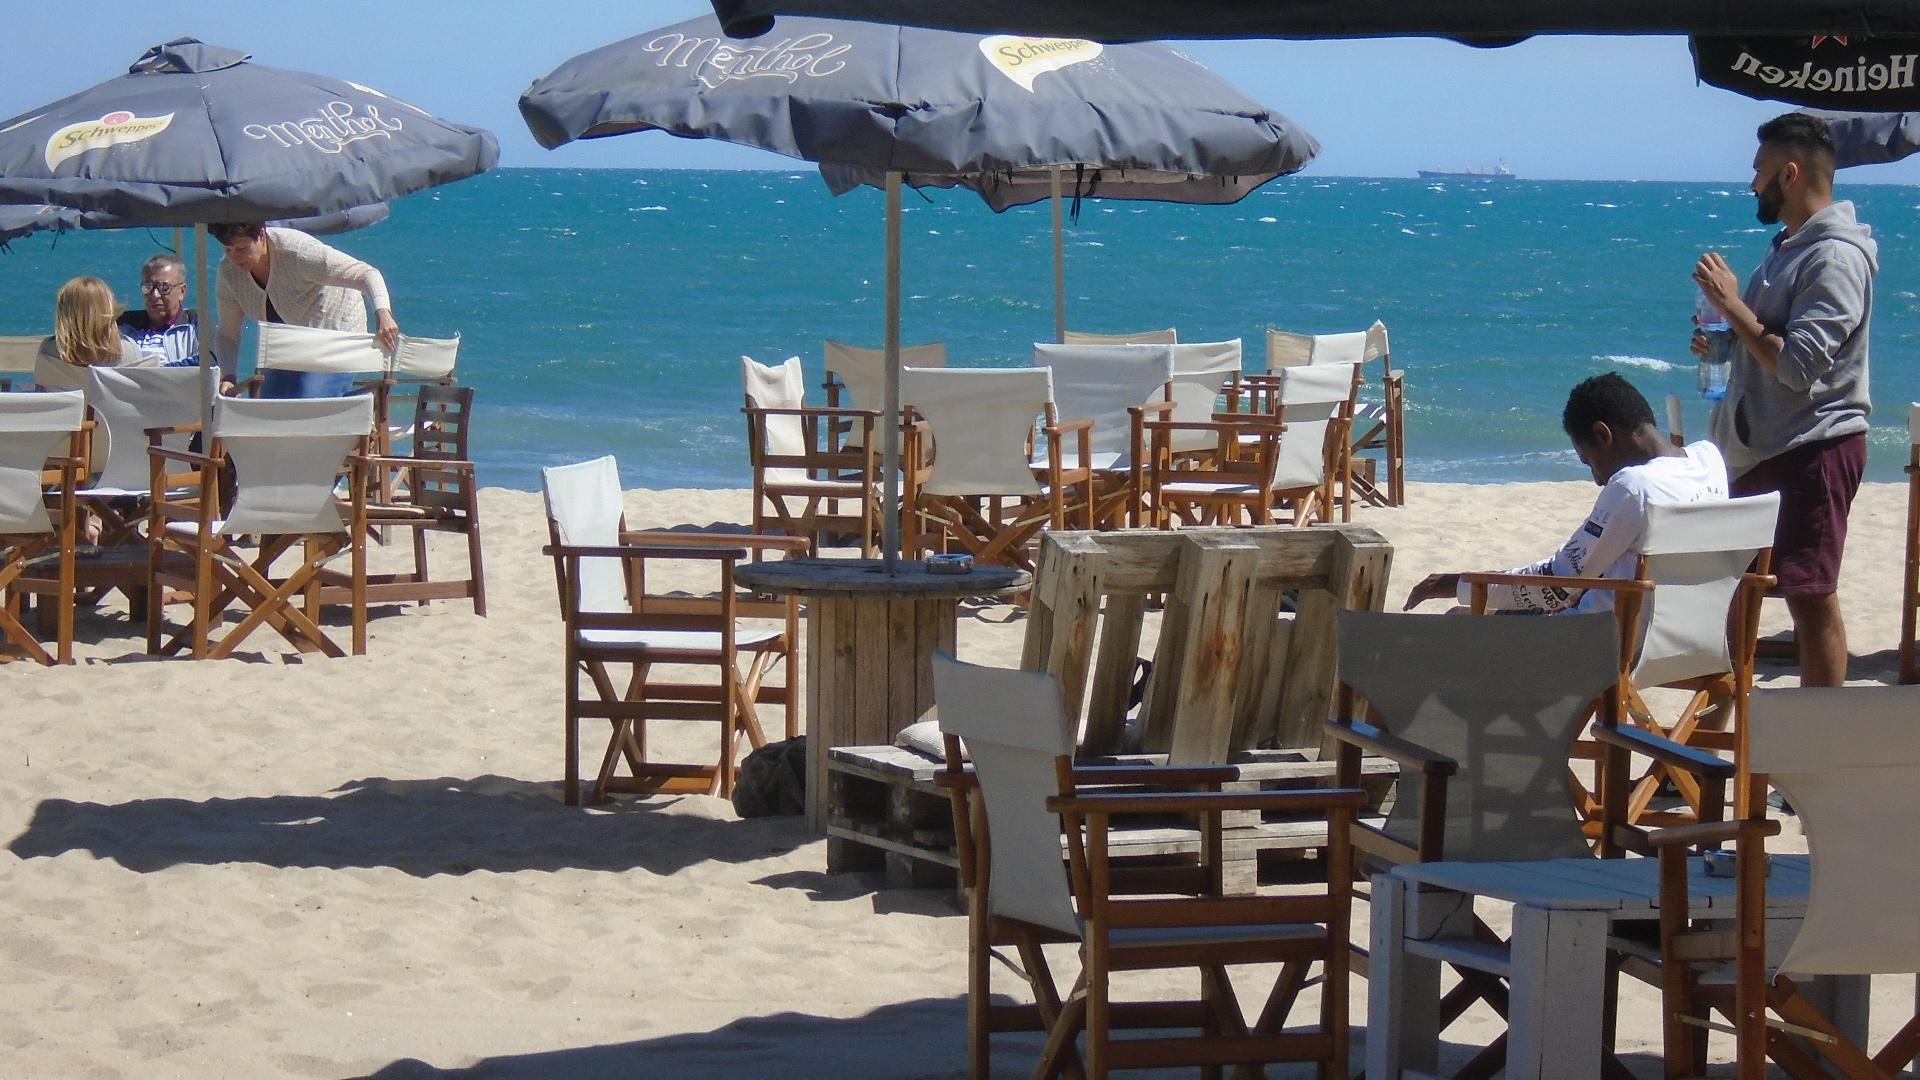 Представители на туристическия бранш се обявиха срещу премахването на преместваемите обекти от плажовете и курортите